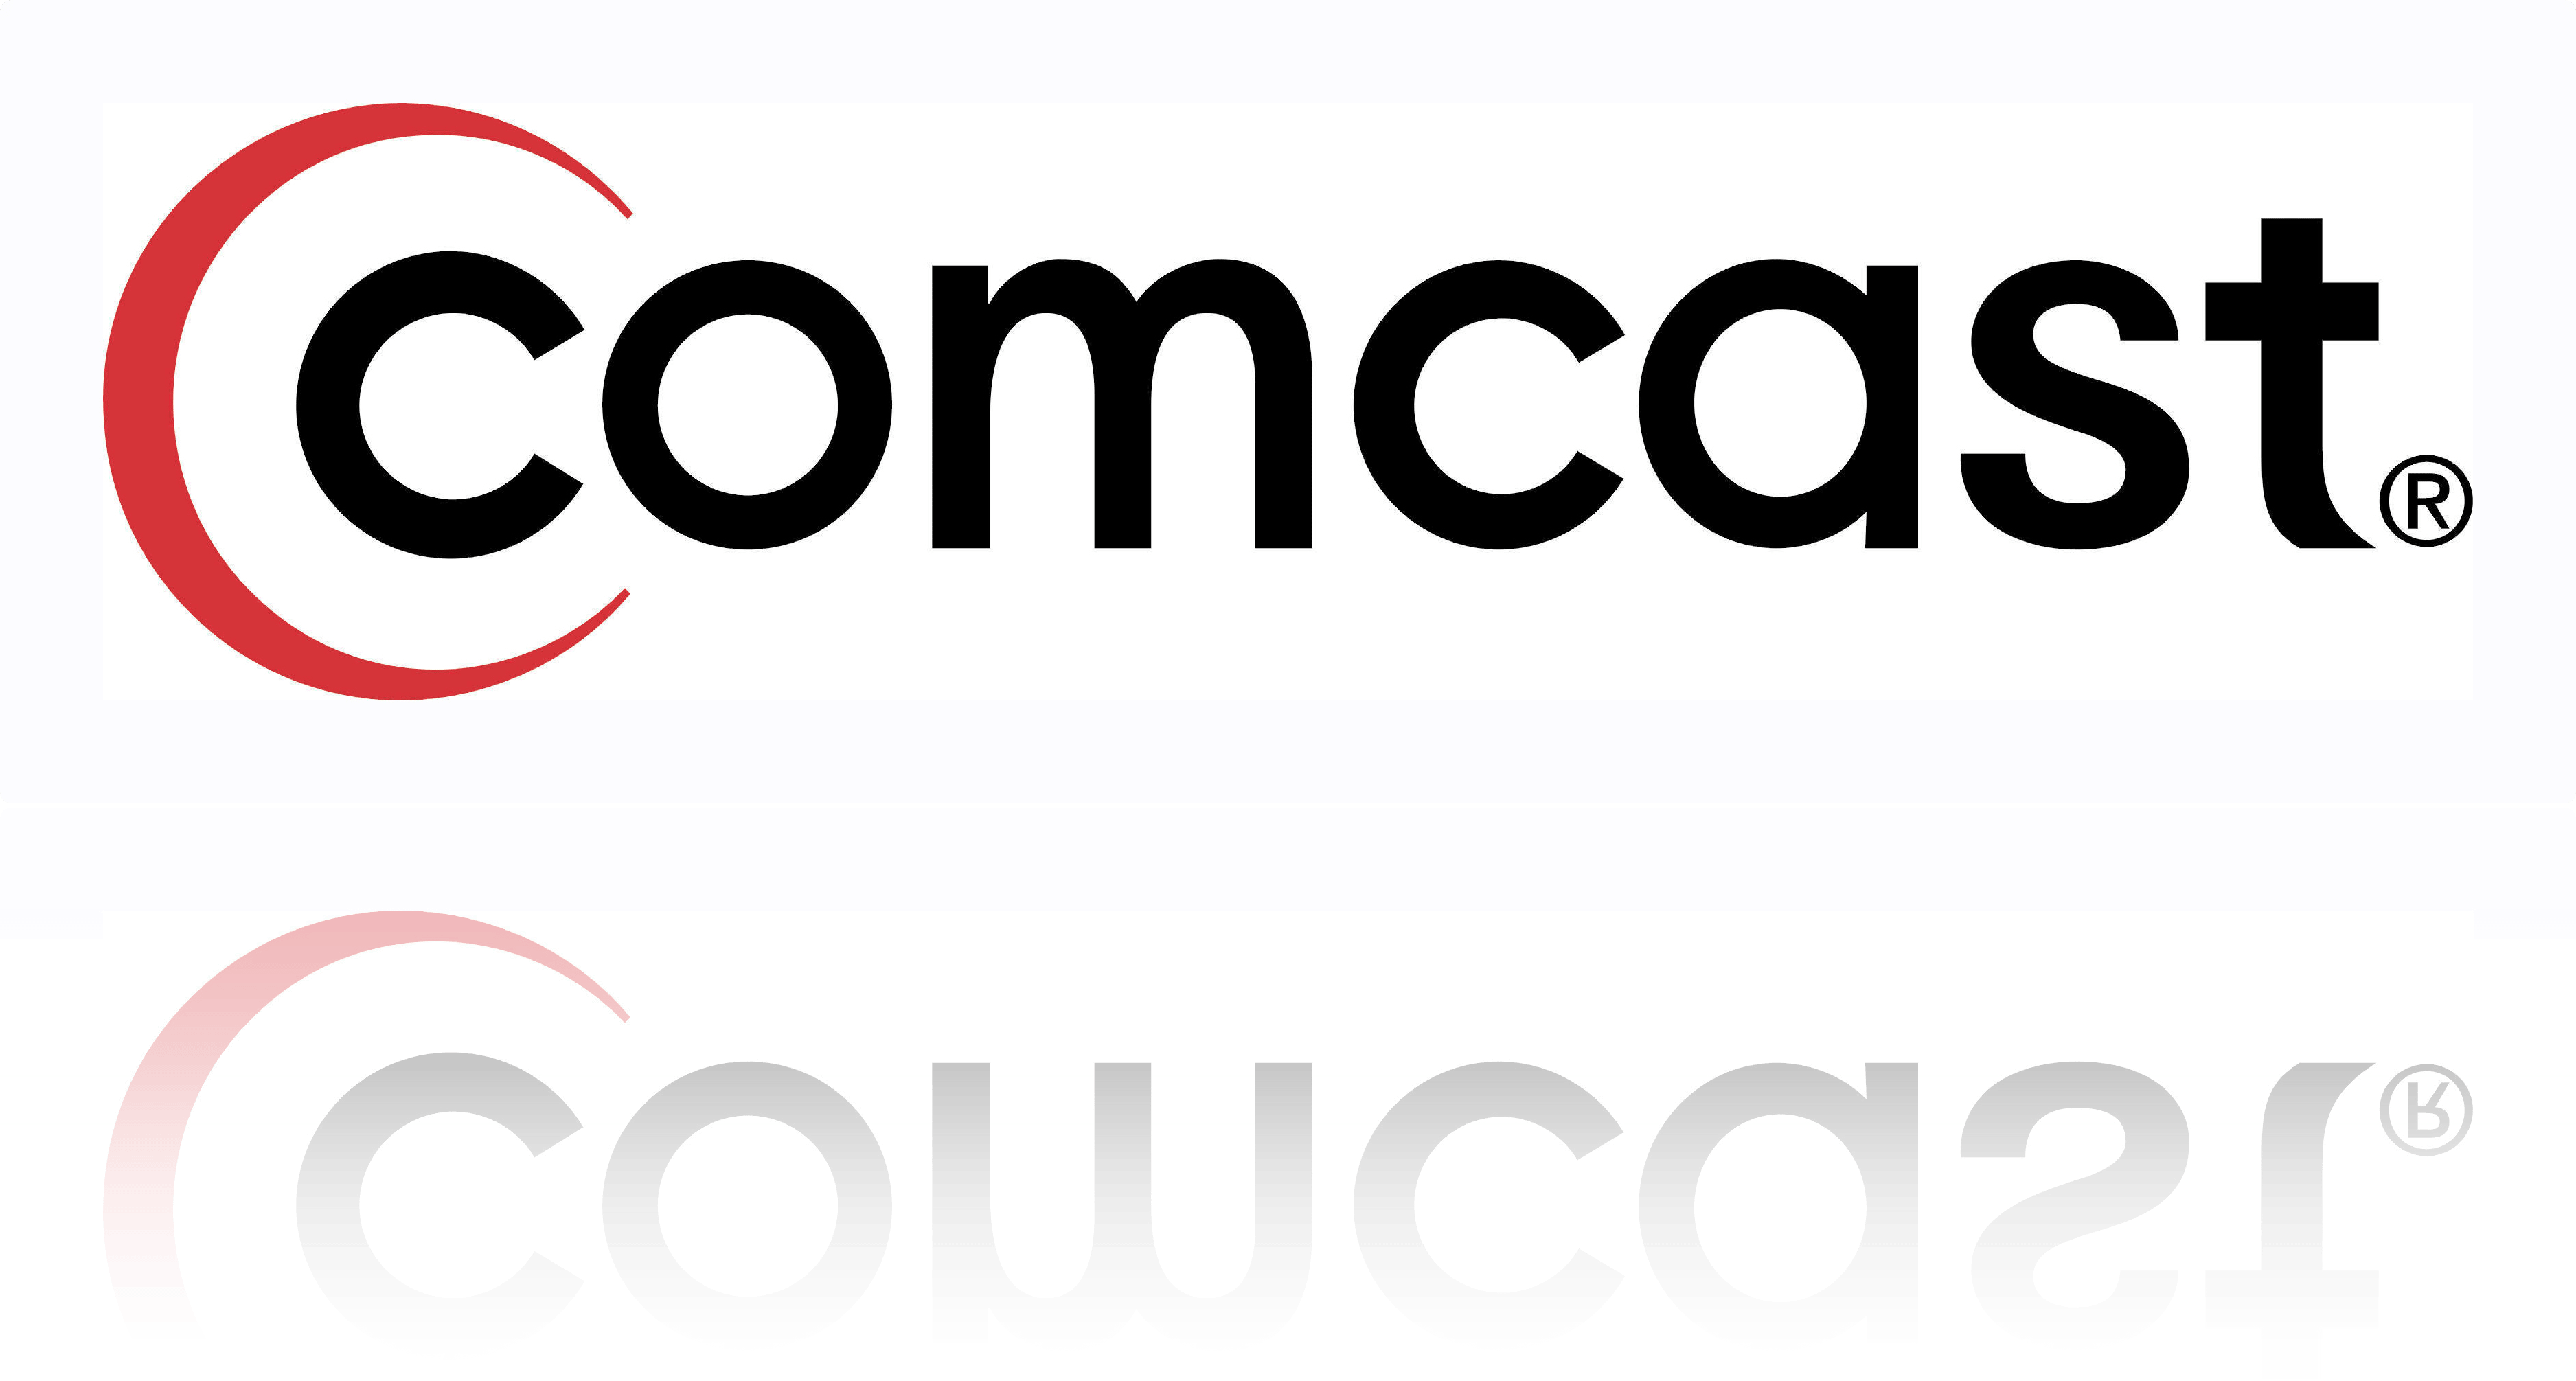 ComcastLargeR